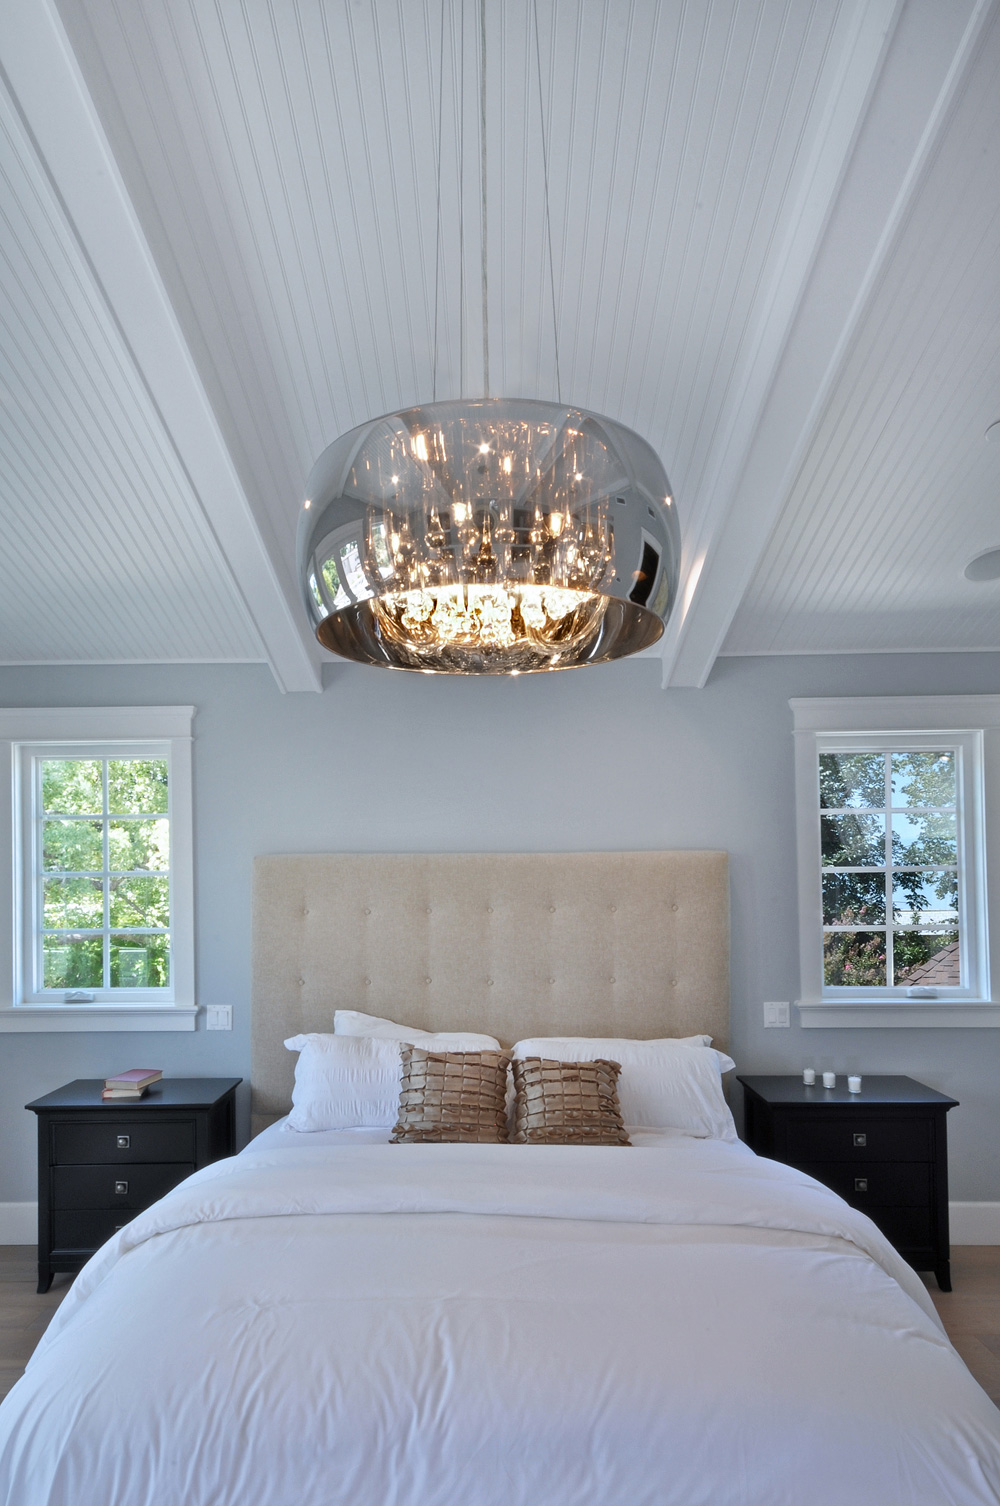 Plafonnier chambre design - Idée de luminaire et lampe maison